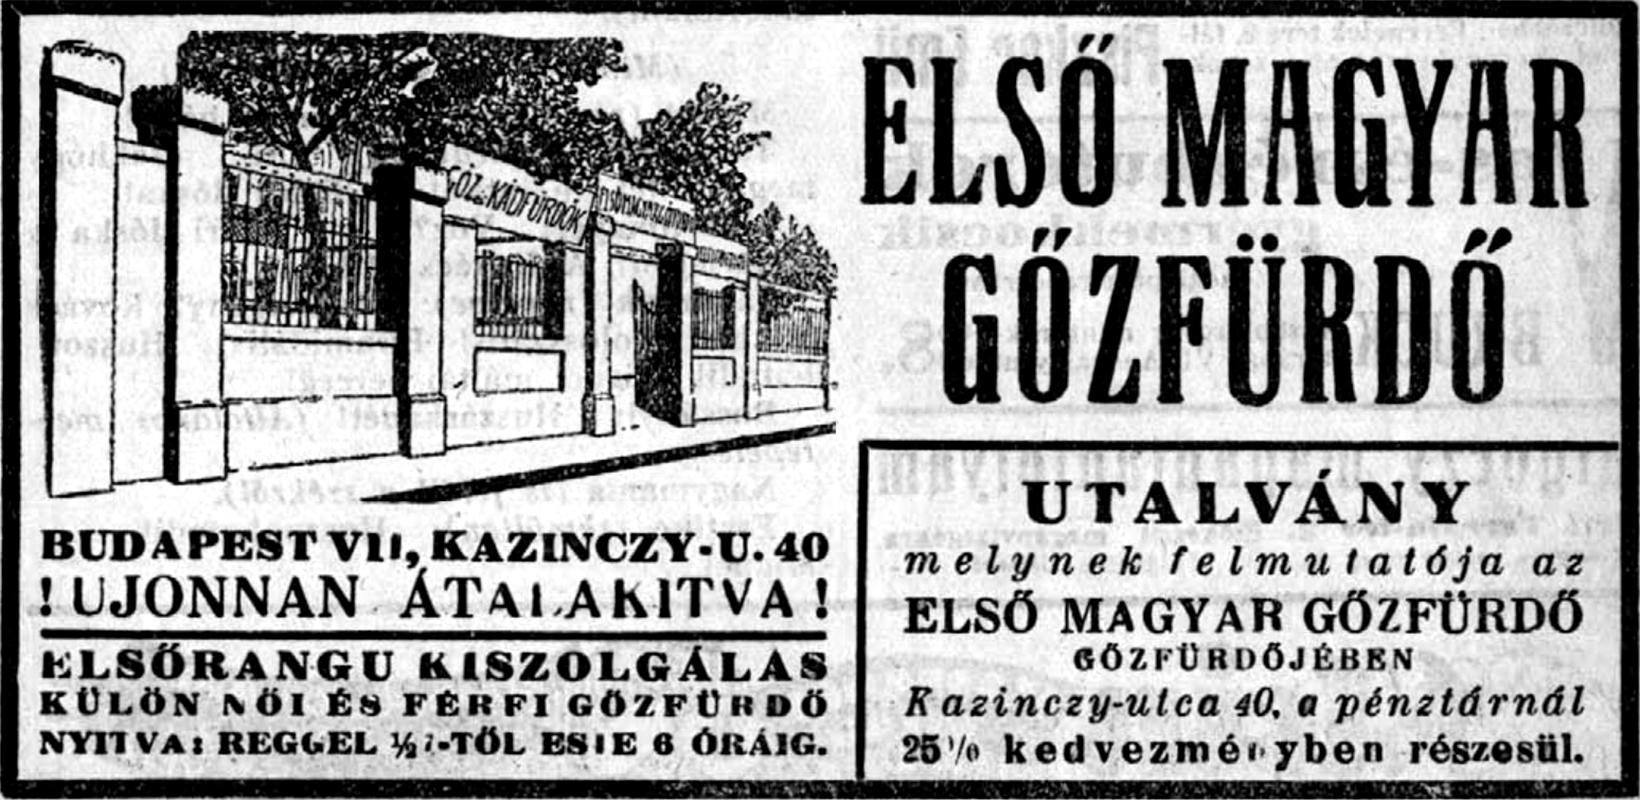 gozfurdo_1925_szinhazielet.jpg